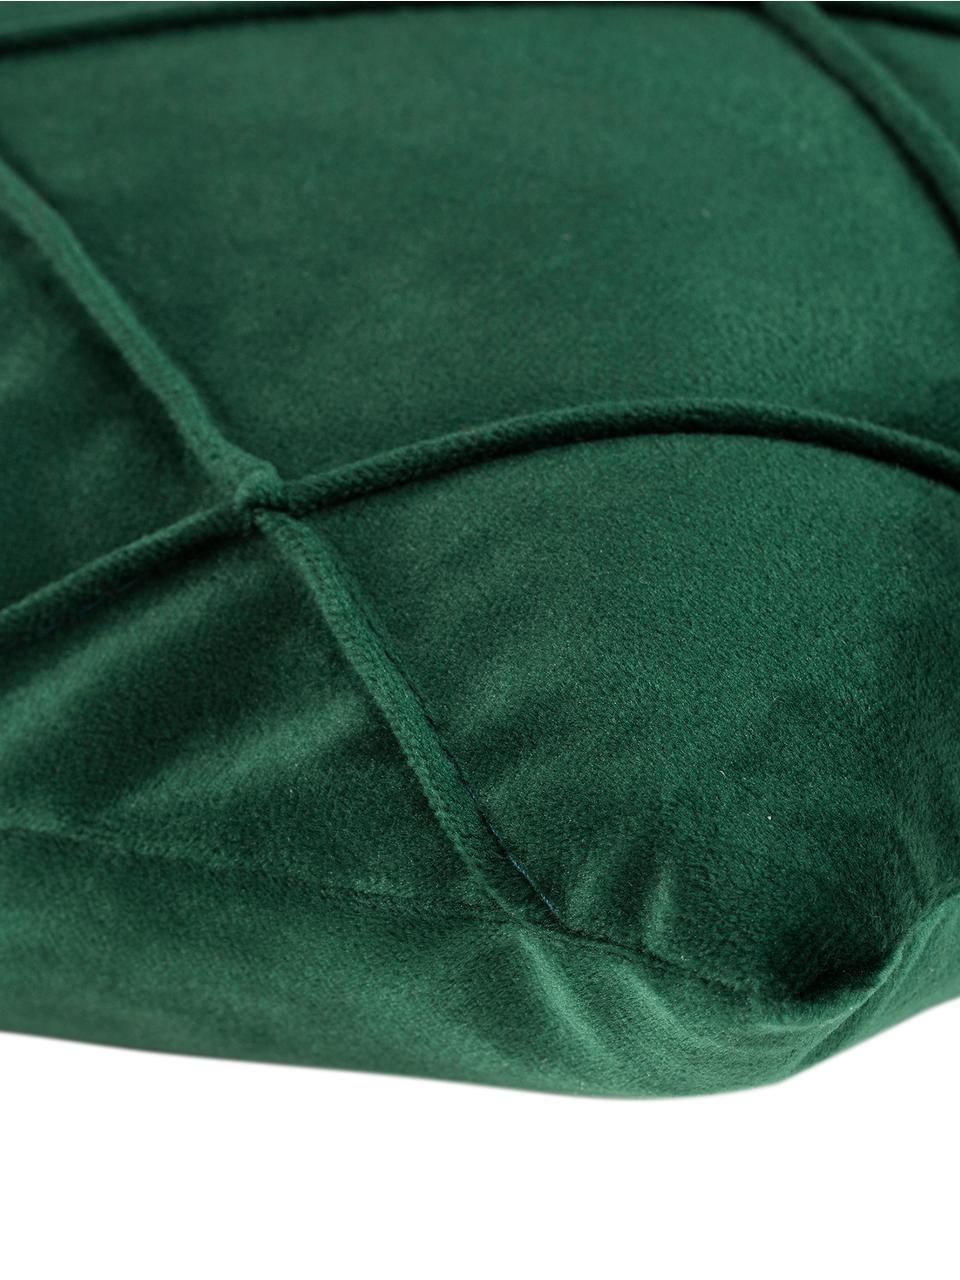 Funda de cojín de terciopelo Nobless, 100%terciopelo de poliéster, Verde, An 50 x L 50 cm